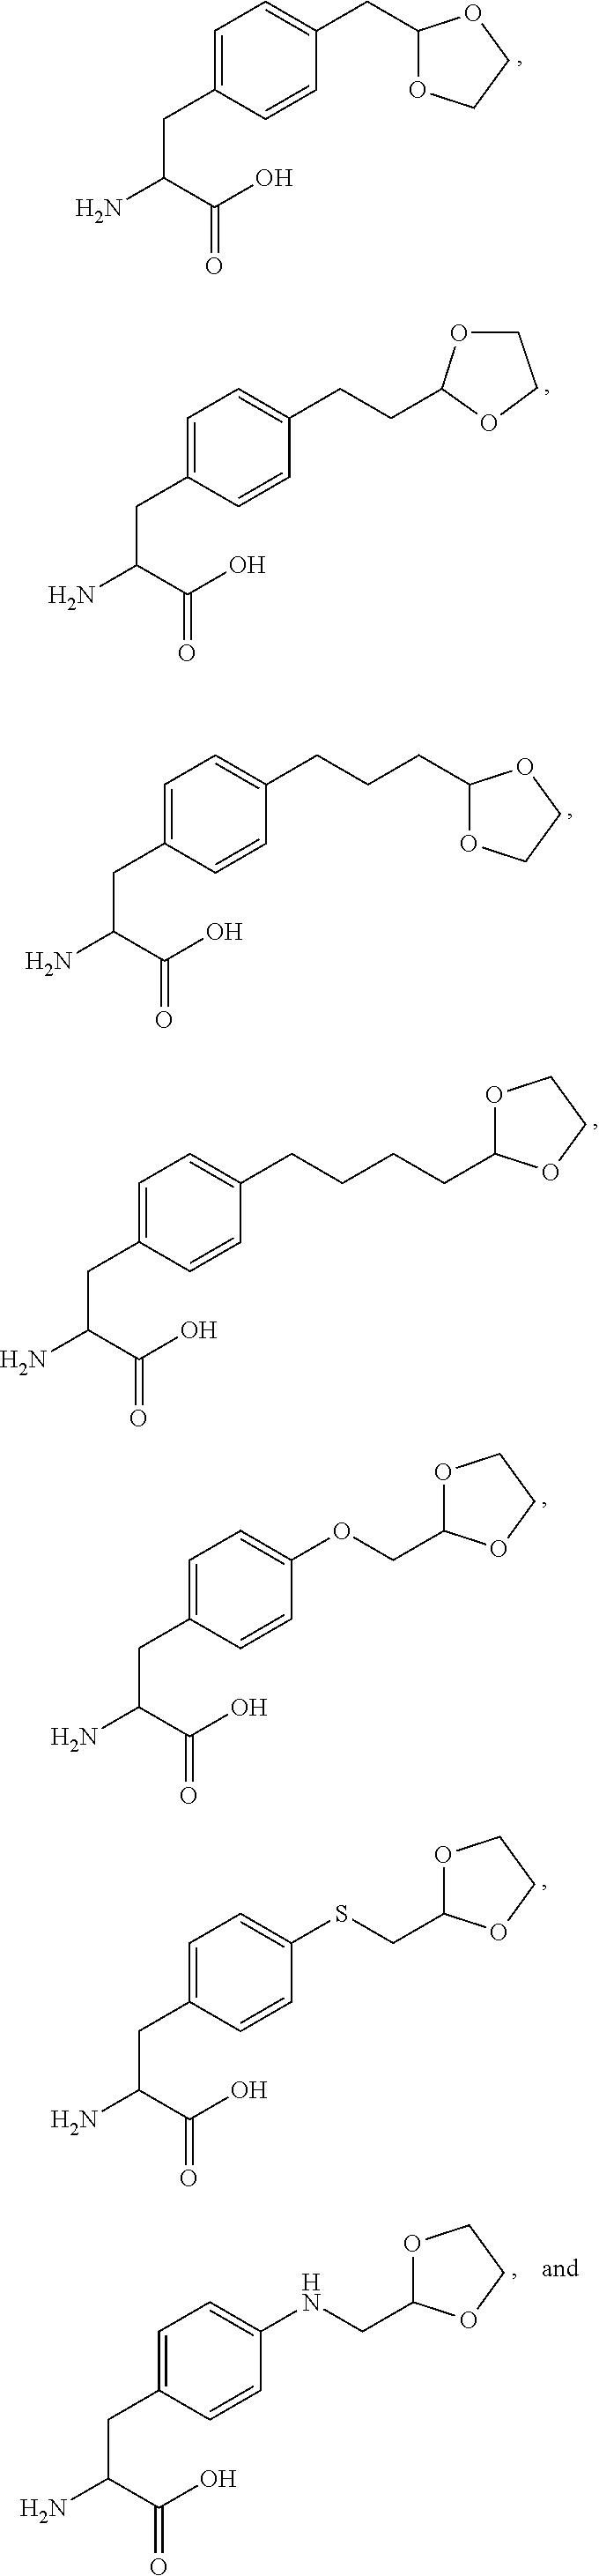 Figure US07939496-20110510-C00018